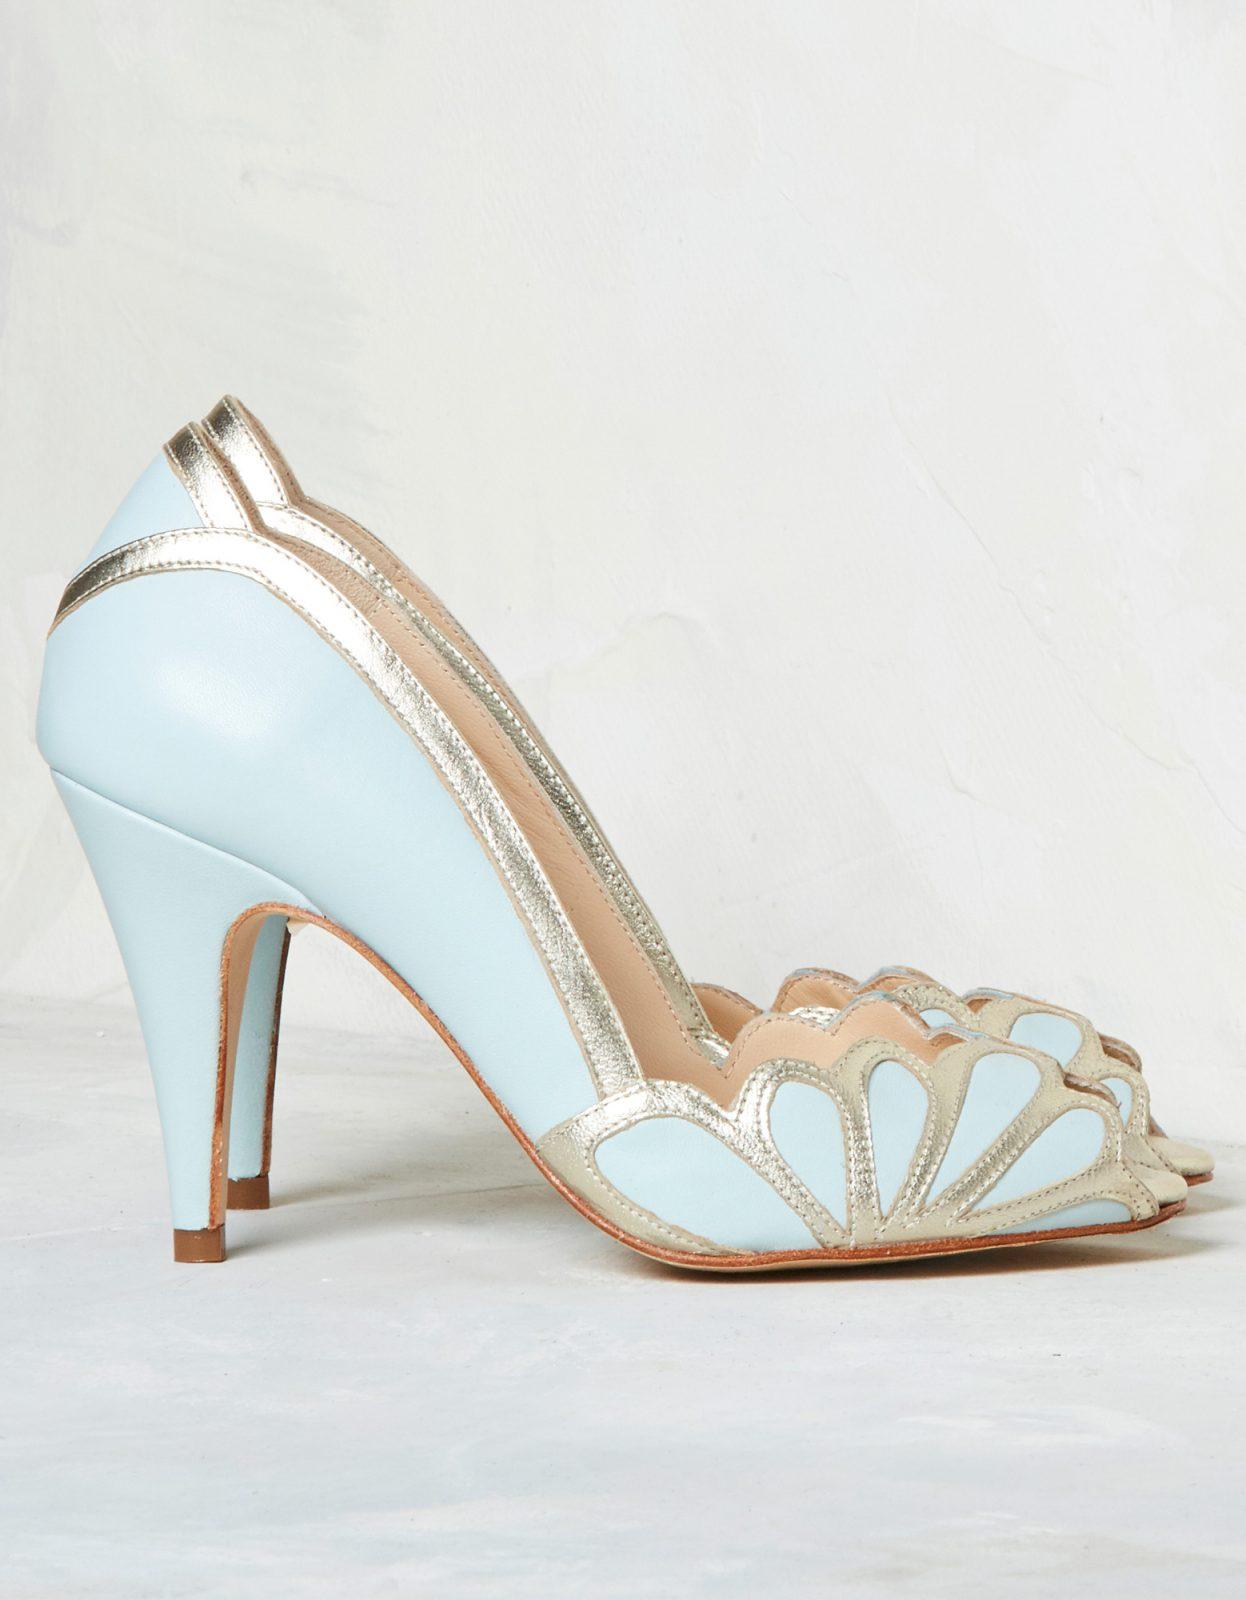 Rachel Simpson France chaussures de mariée chaussures mariage chaussure vintage